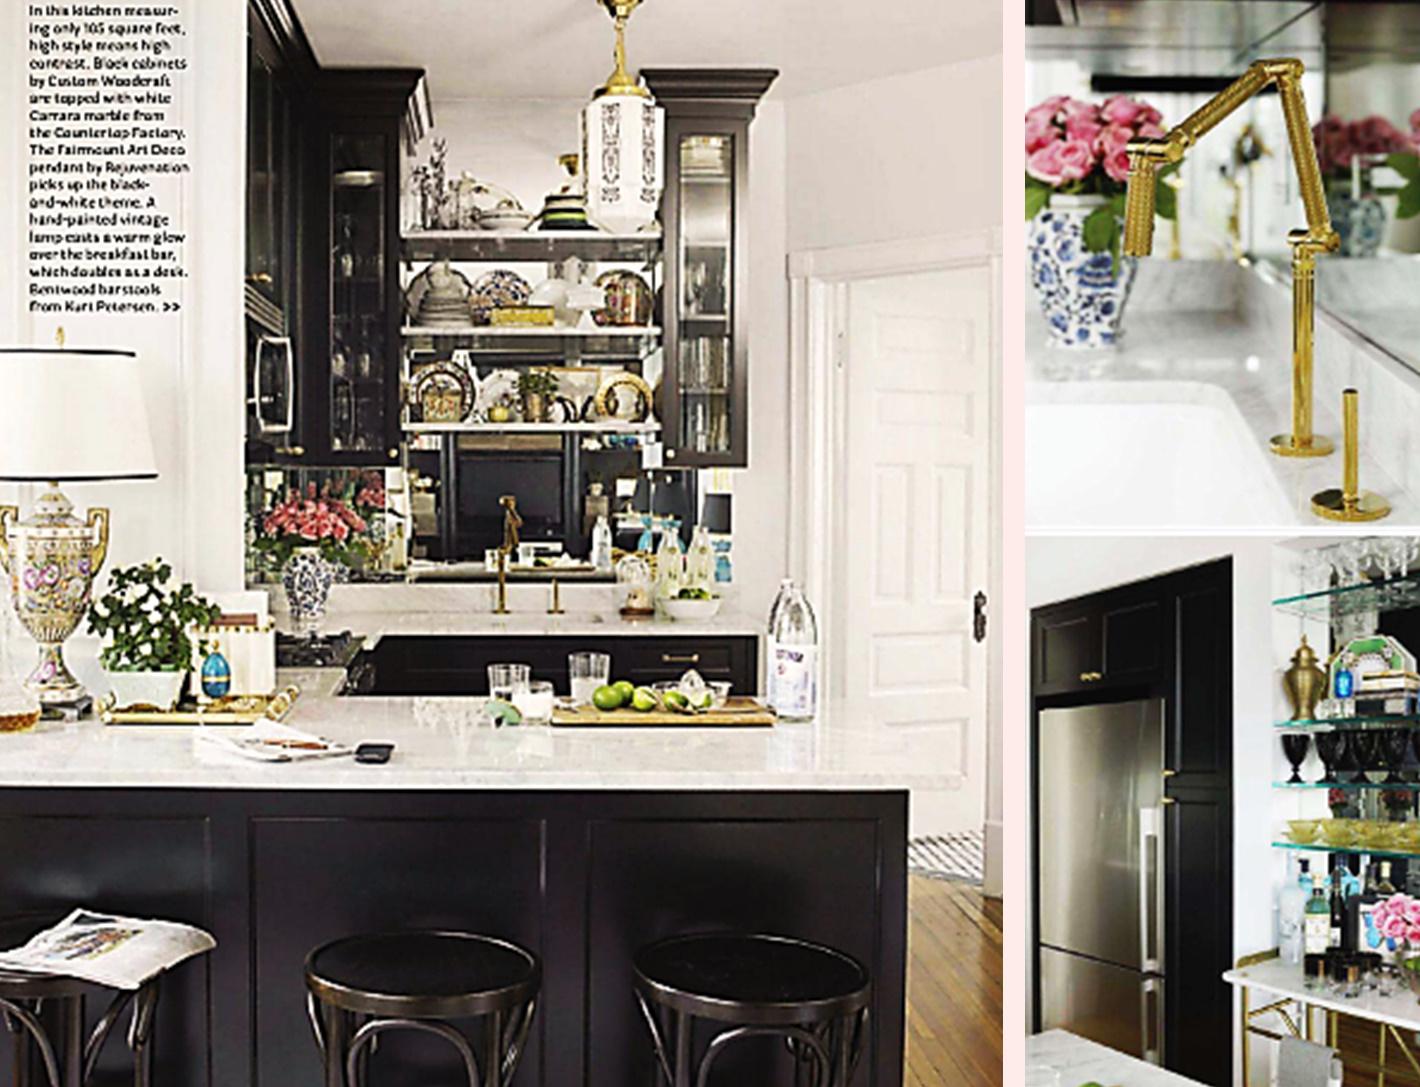 Boiserie c cucine 25 soluzioni per piccoli spazi ma scenografiche - Crea cucina ikea ...